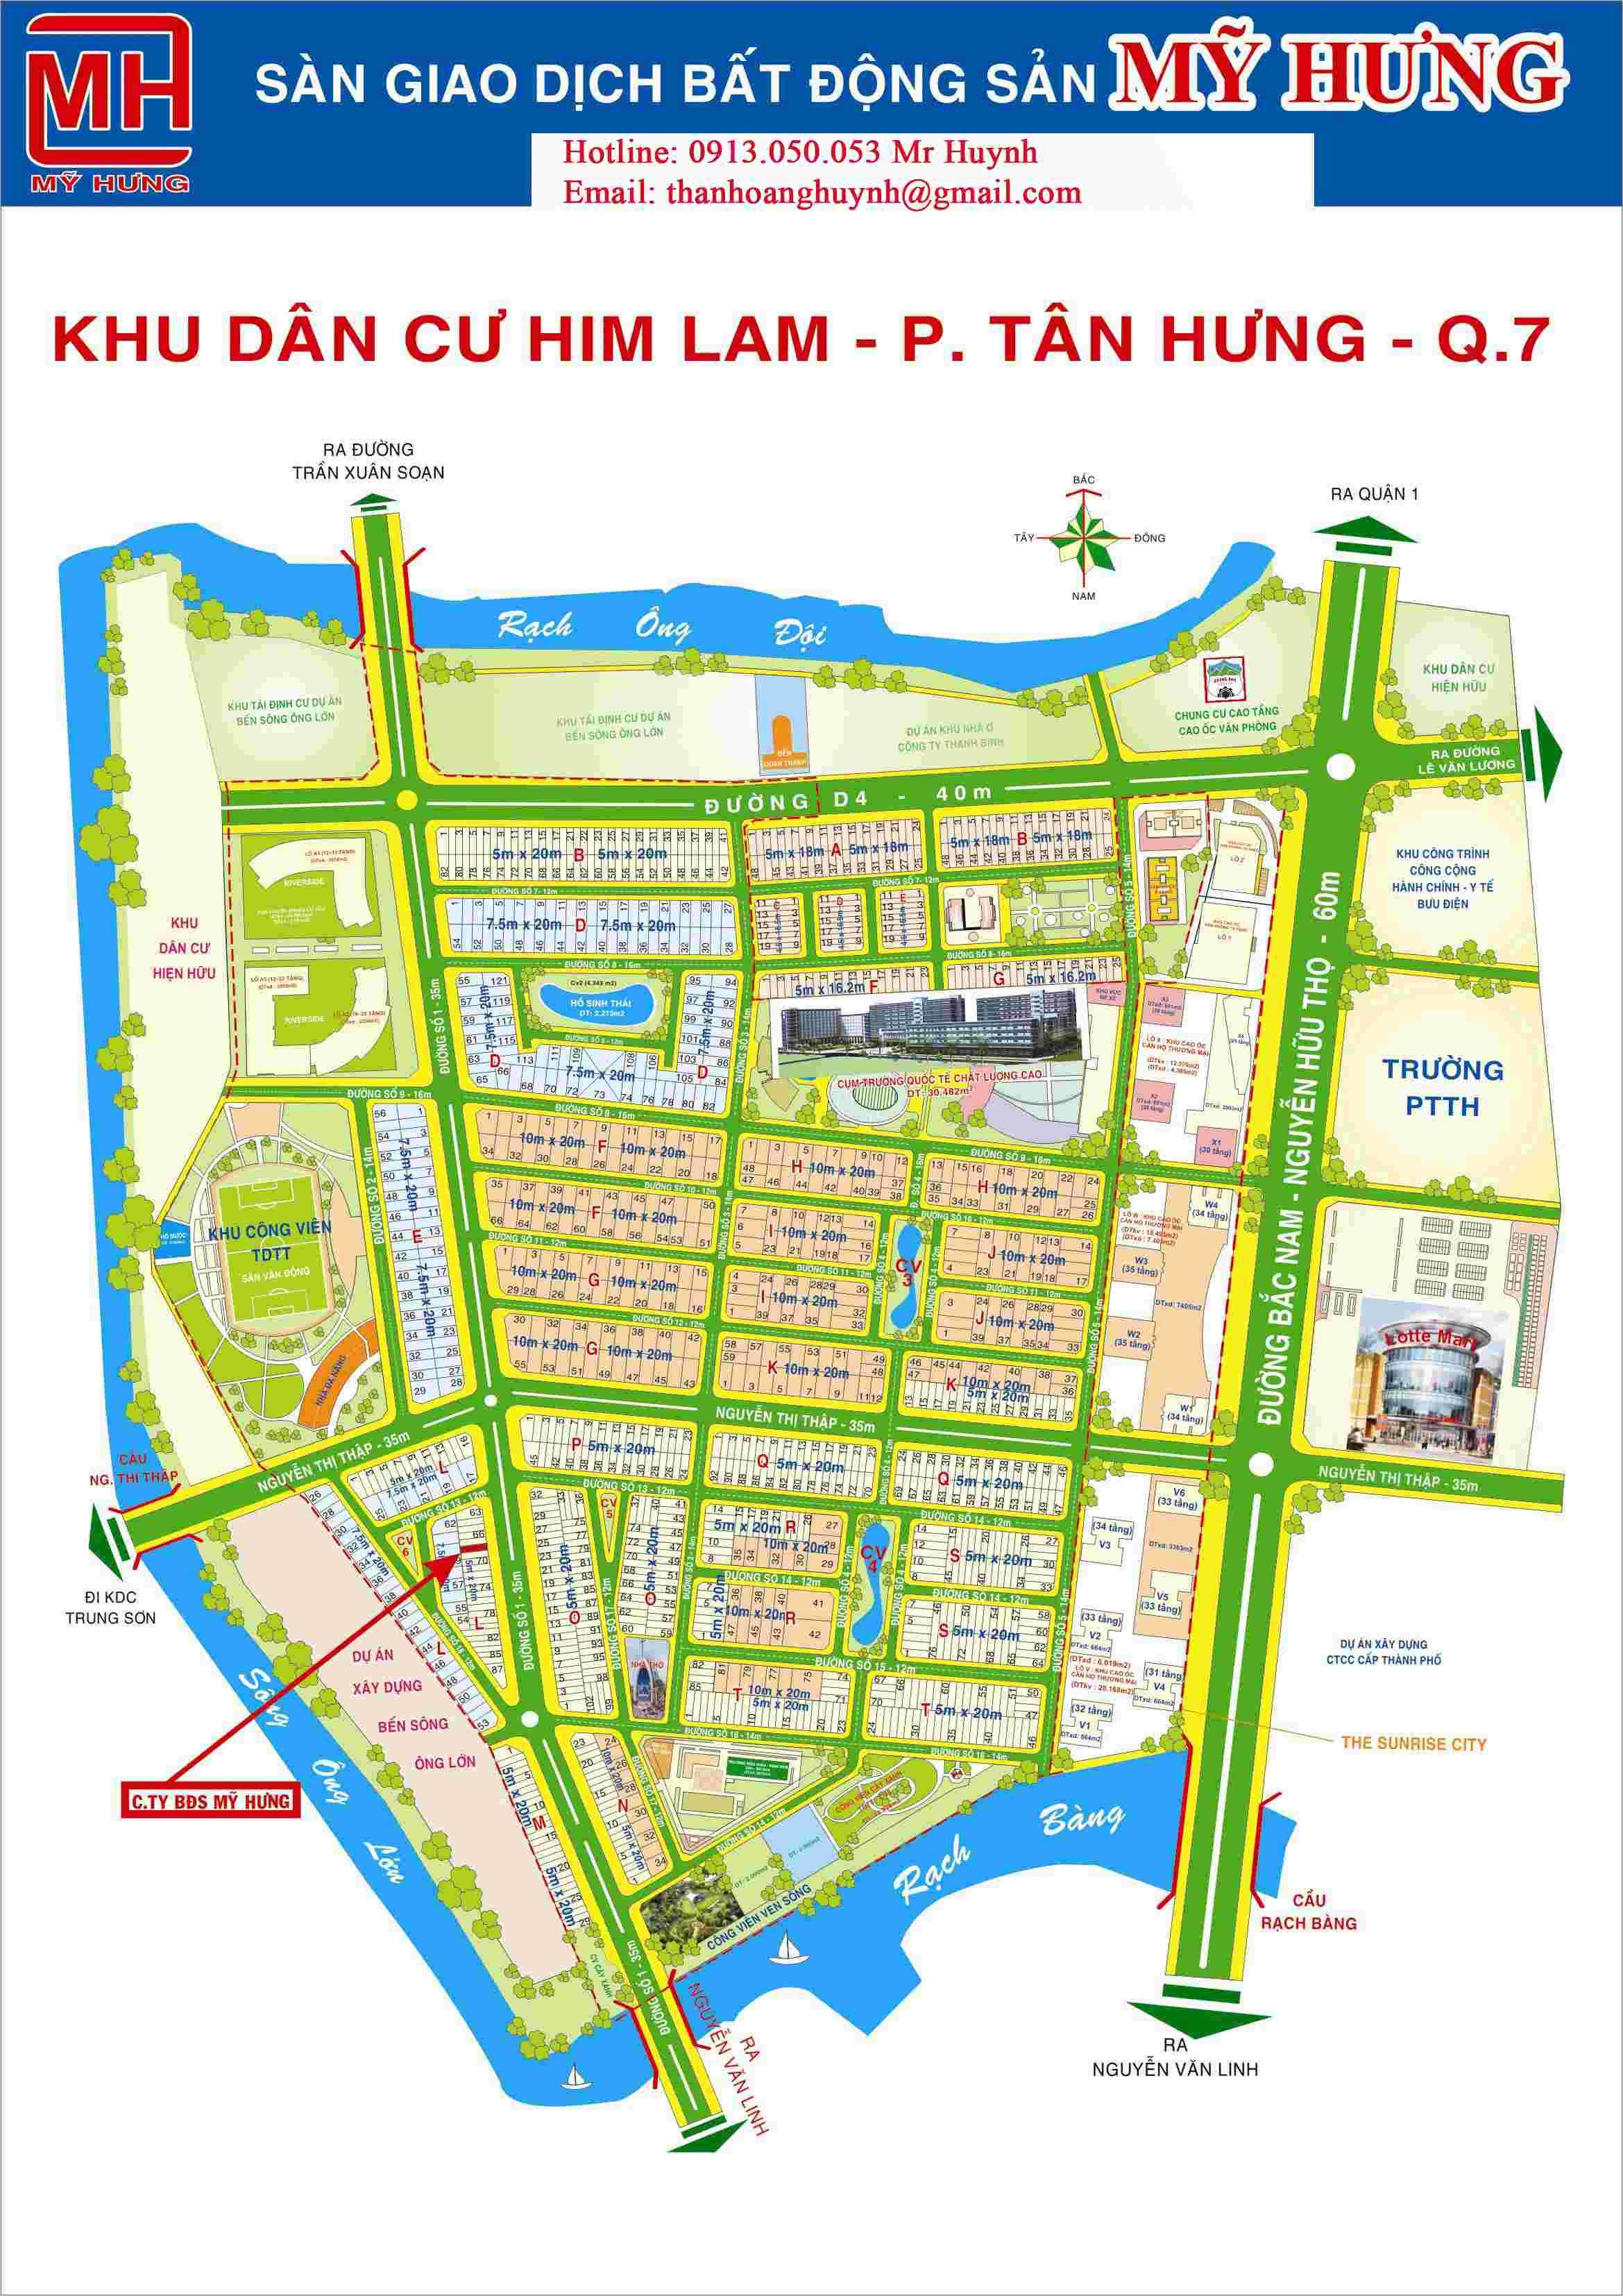 Bán đất khu dân cư Him Lam Kênh Tẻ Quận 7 mặt tiền đường D1, nền nhà phố O10, vị trí đẹp, 100m2,  giá 235 triệu/ m2. LH: 0913.050.053  Mr Huynh.